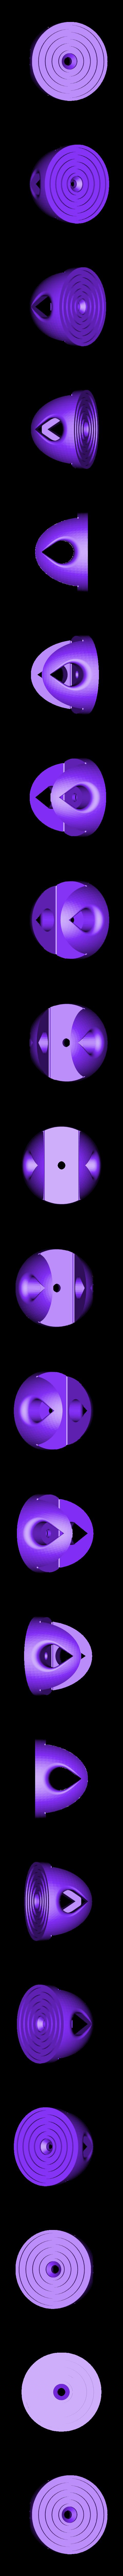 Mateus Machado - Sapata Gota MDF18mm.STL Télécharger fichier STL gratuit Sapata Gota Print Mobi • Plan pour imprimante 3D, mateusmachado